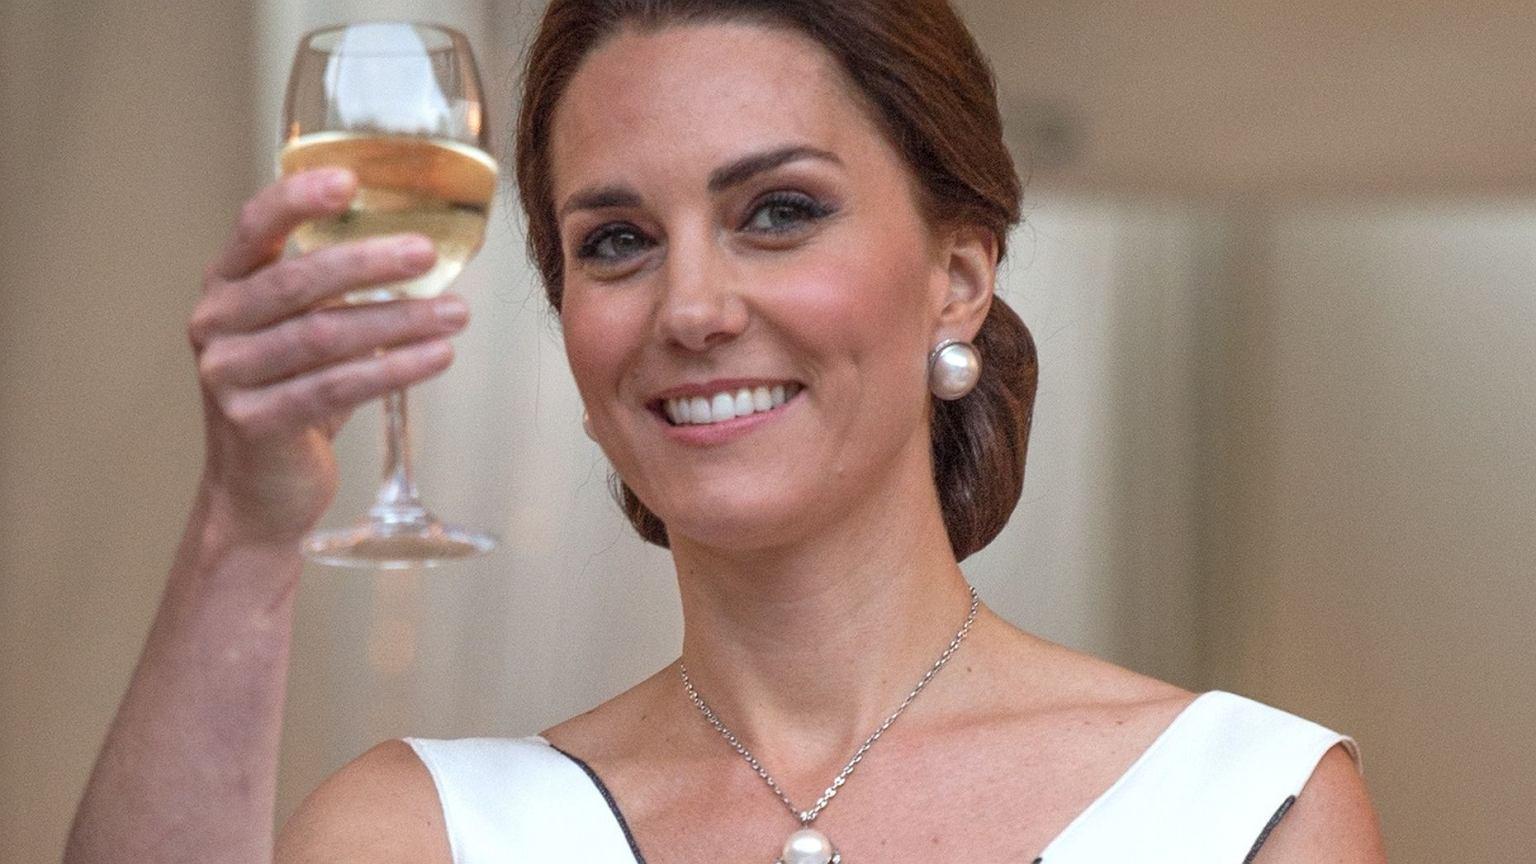 Księżna Kate Na Przyjęciu Pojawiła Się W Kreacji Gosi